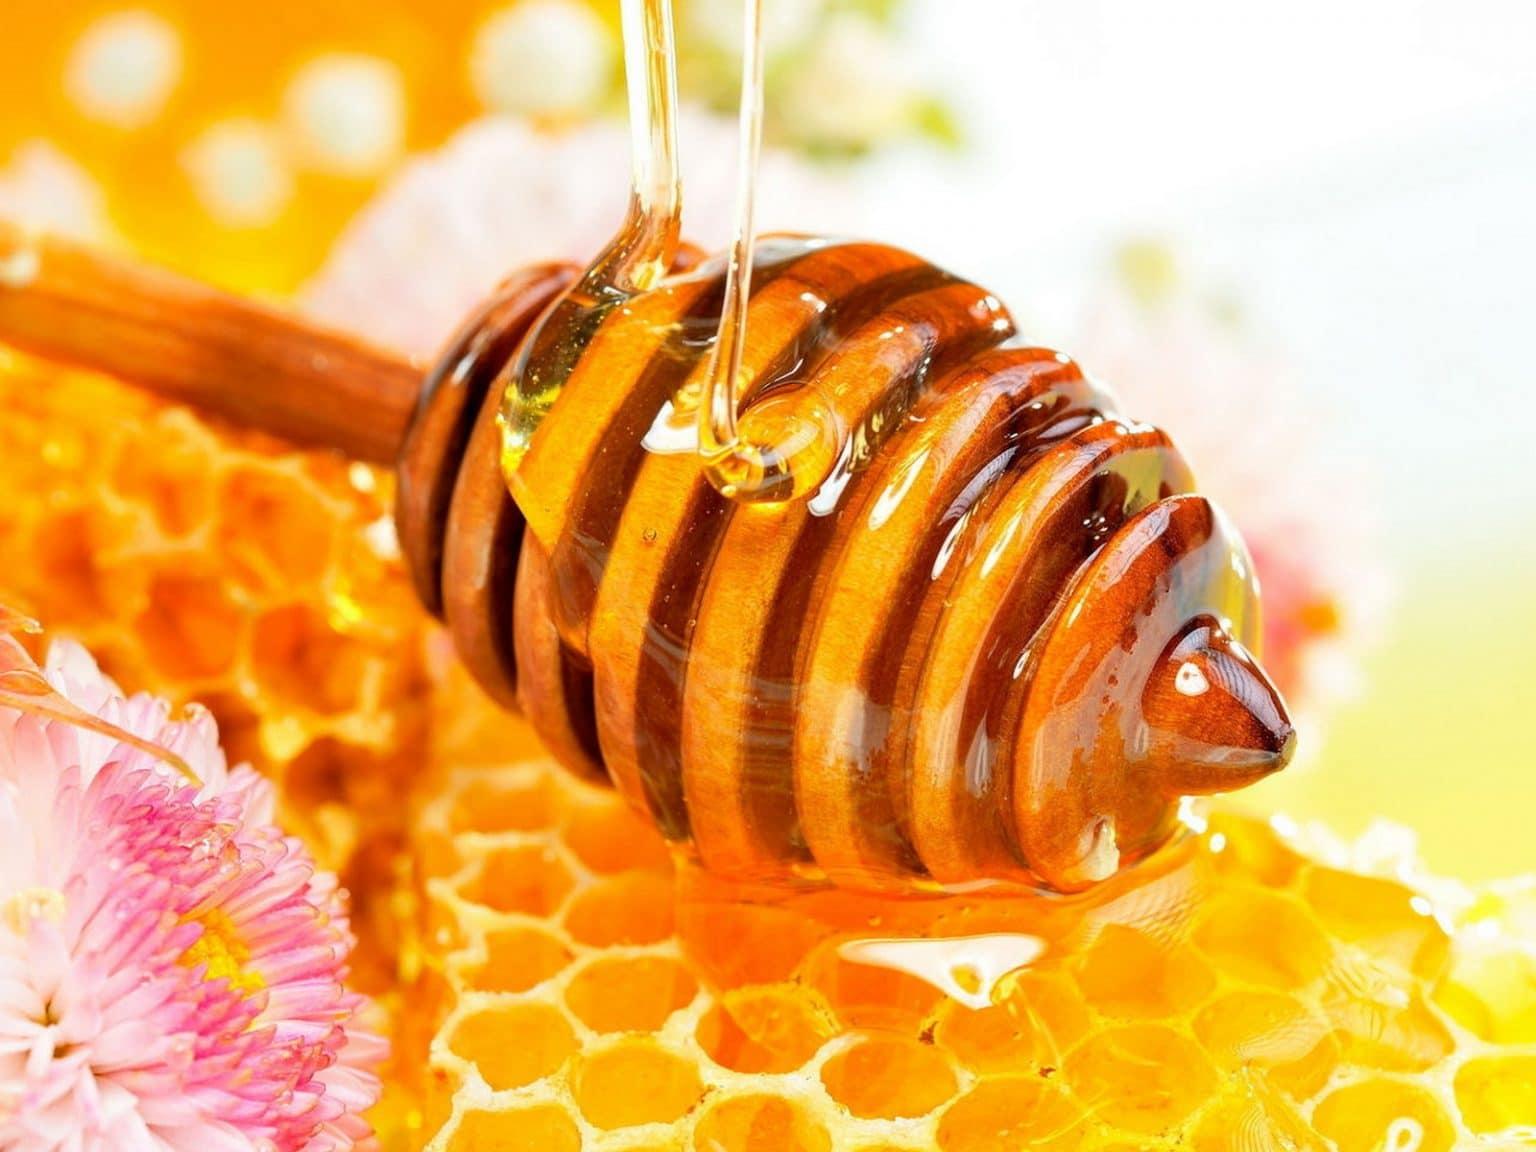 تفسير أكل العسل في المنام لابن سيرين